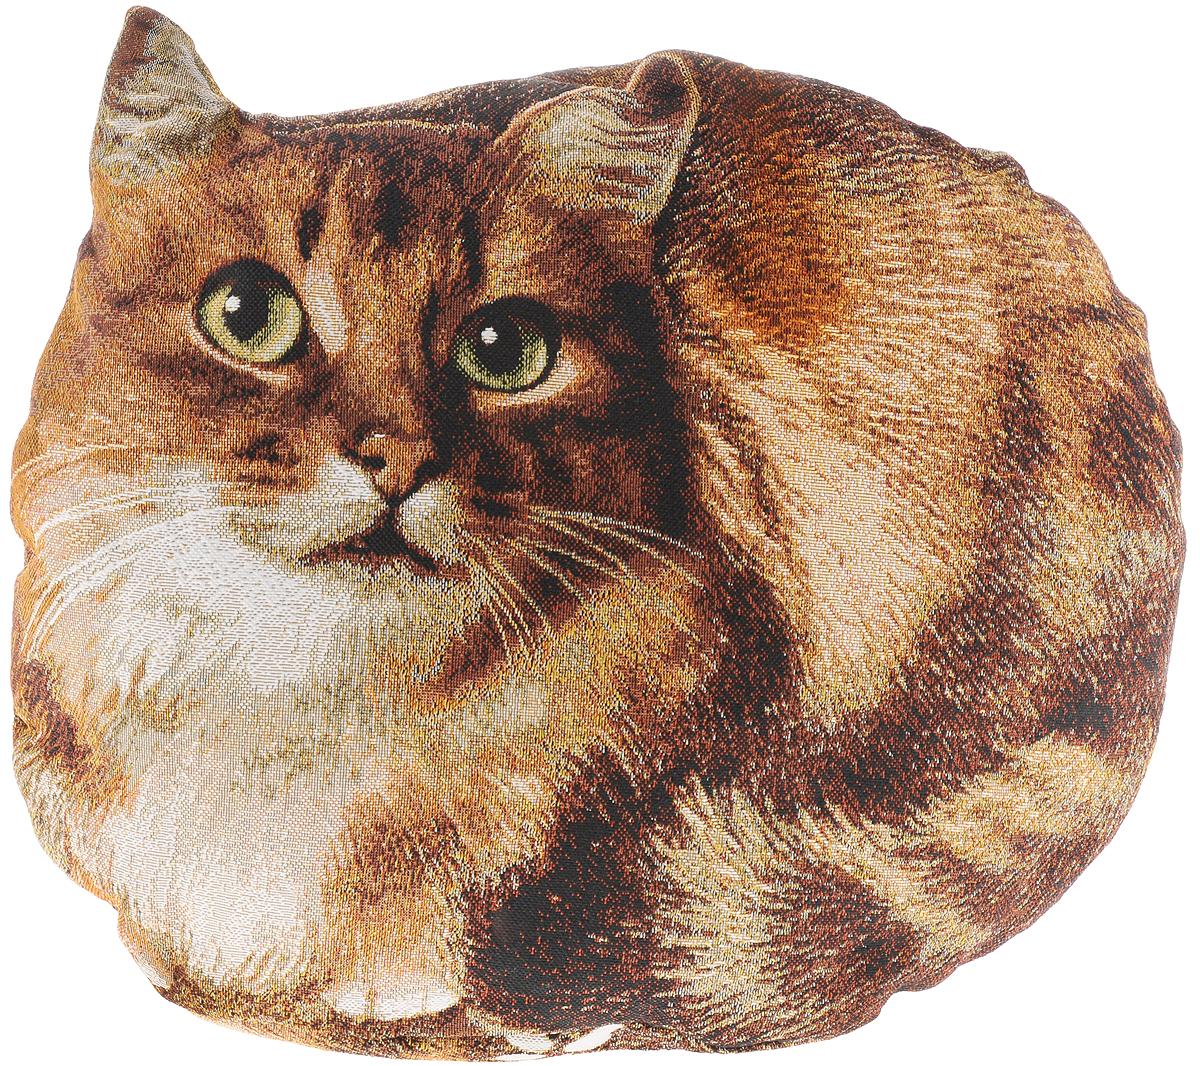 Подушка декоративная Рапира Пушок, 40 х 30 см4636Декоративная подушка Рапира Пушок прекрасно дополнит интерьер спальни или гостиной. Она выполнена в форме кошки. Чехол подушки изготовлен с гобеленовой фотопечатью из 50% хлопка и 50% полиэфира. Внутри - мягкий наполнитель из холлофайбера. Чехол не снимается. Красивая подушка создаст атмосферу уюта и комфорта в спальне и станет прекрасным элементом декора.